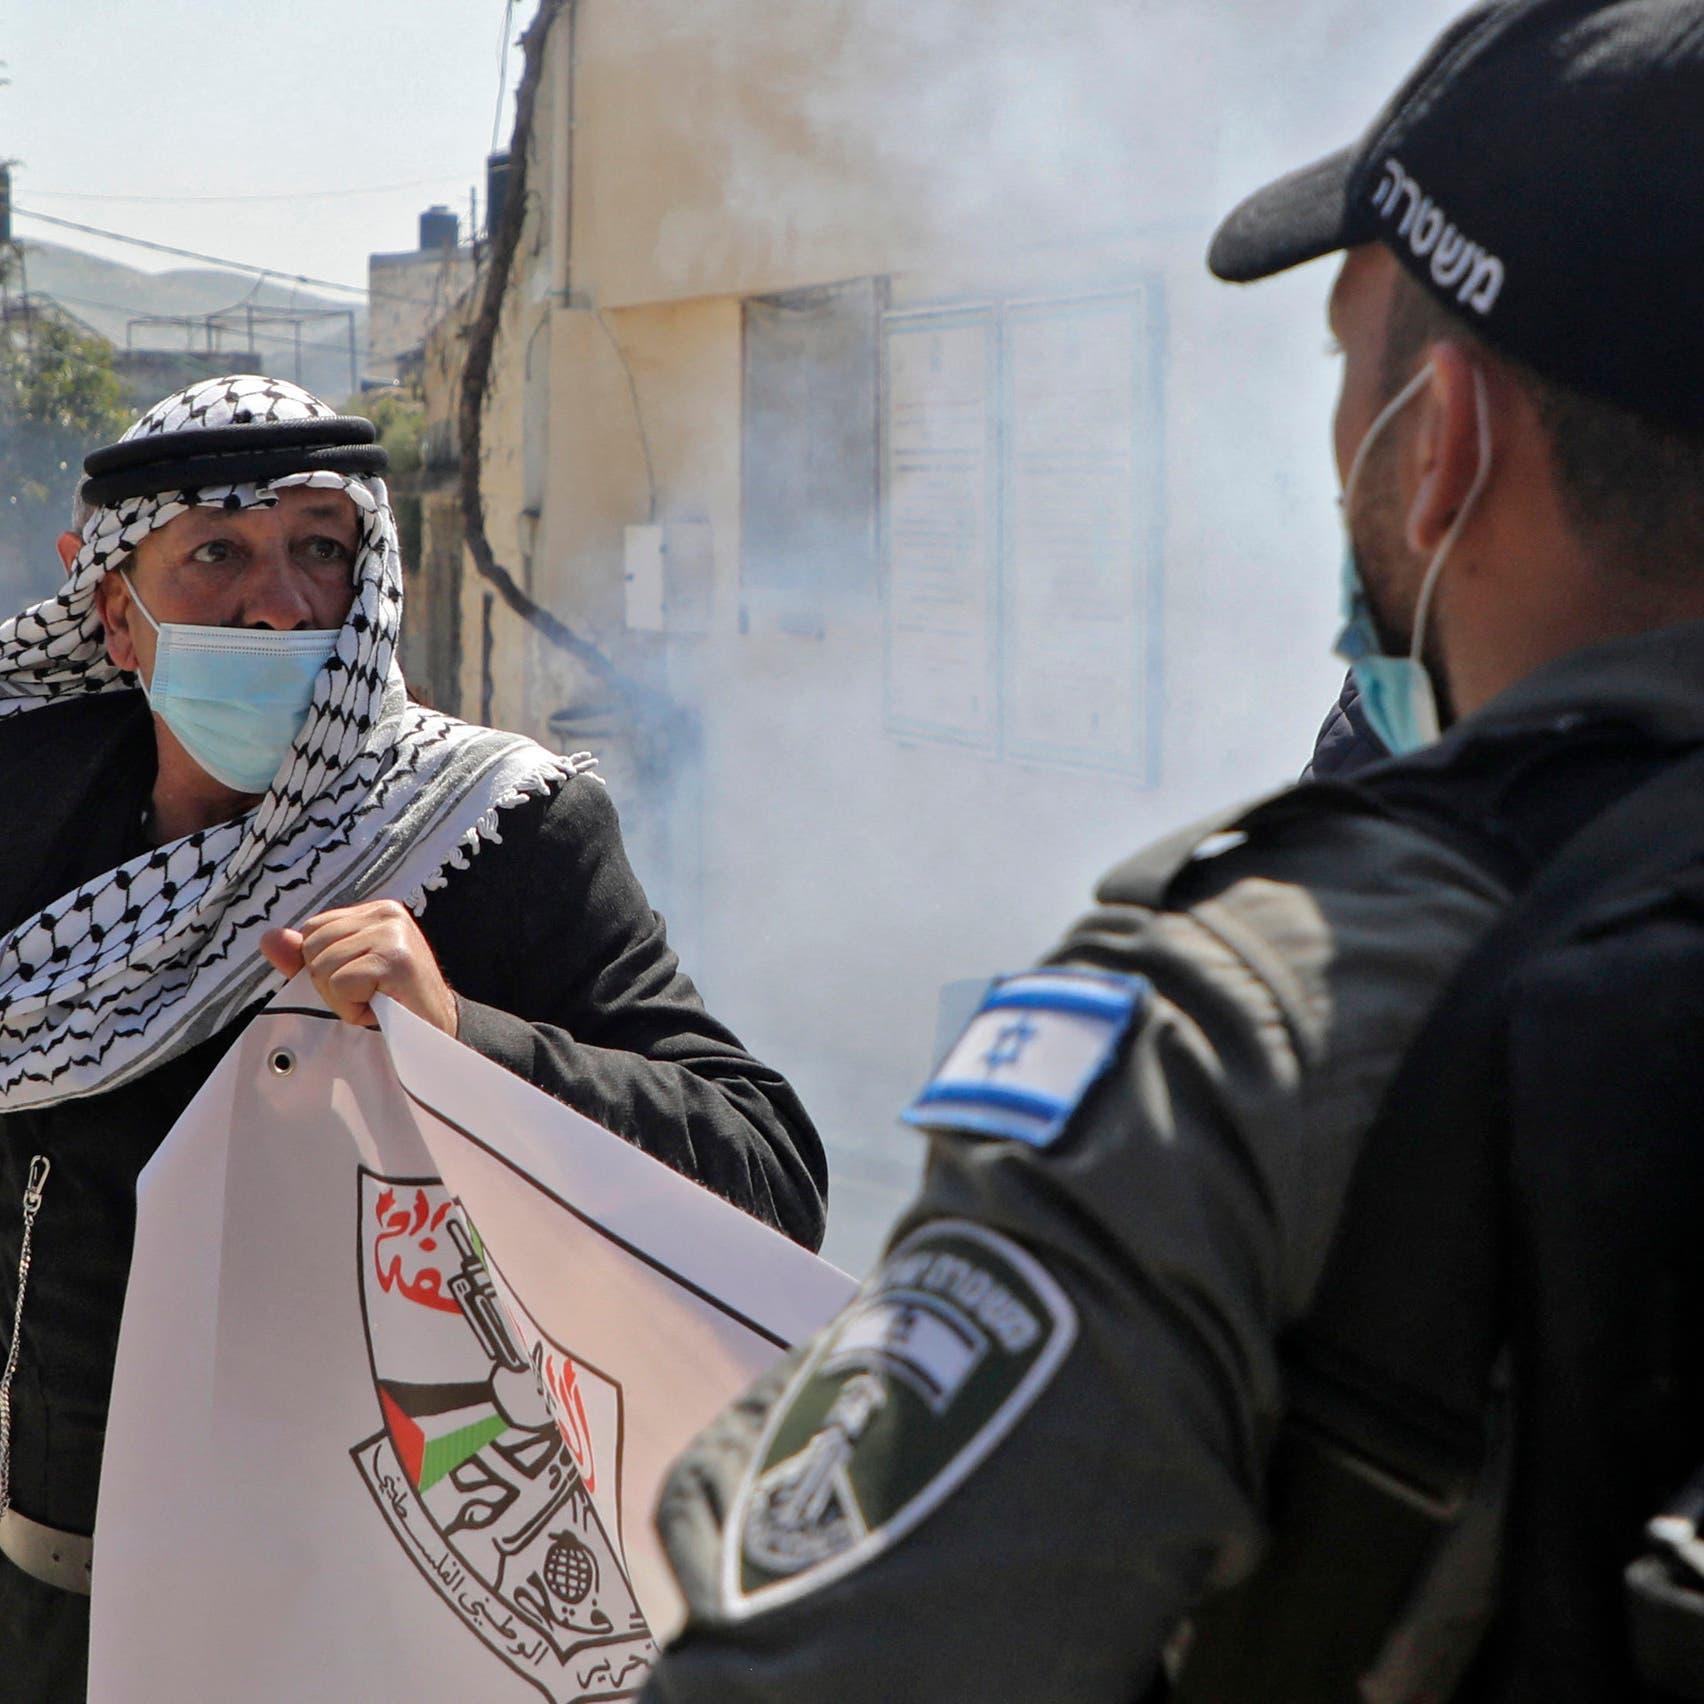 الجامعة العربية تدعو لتحرك عاجل لوقف التصعيد بالقدس وغزة